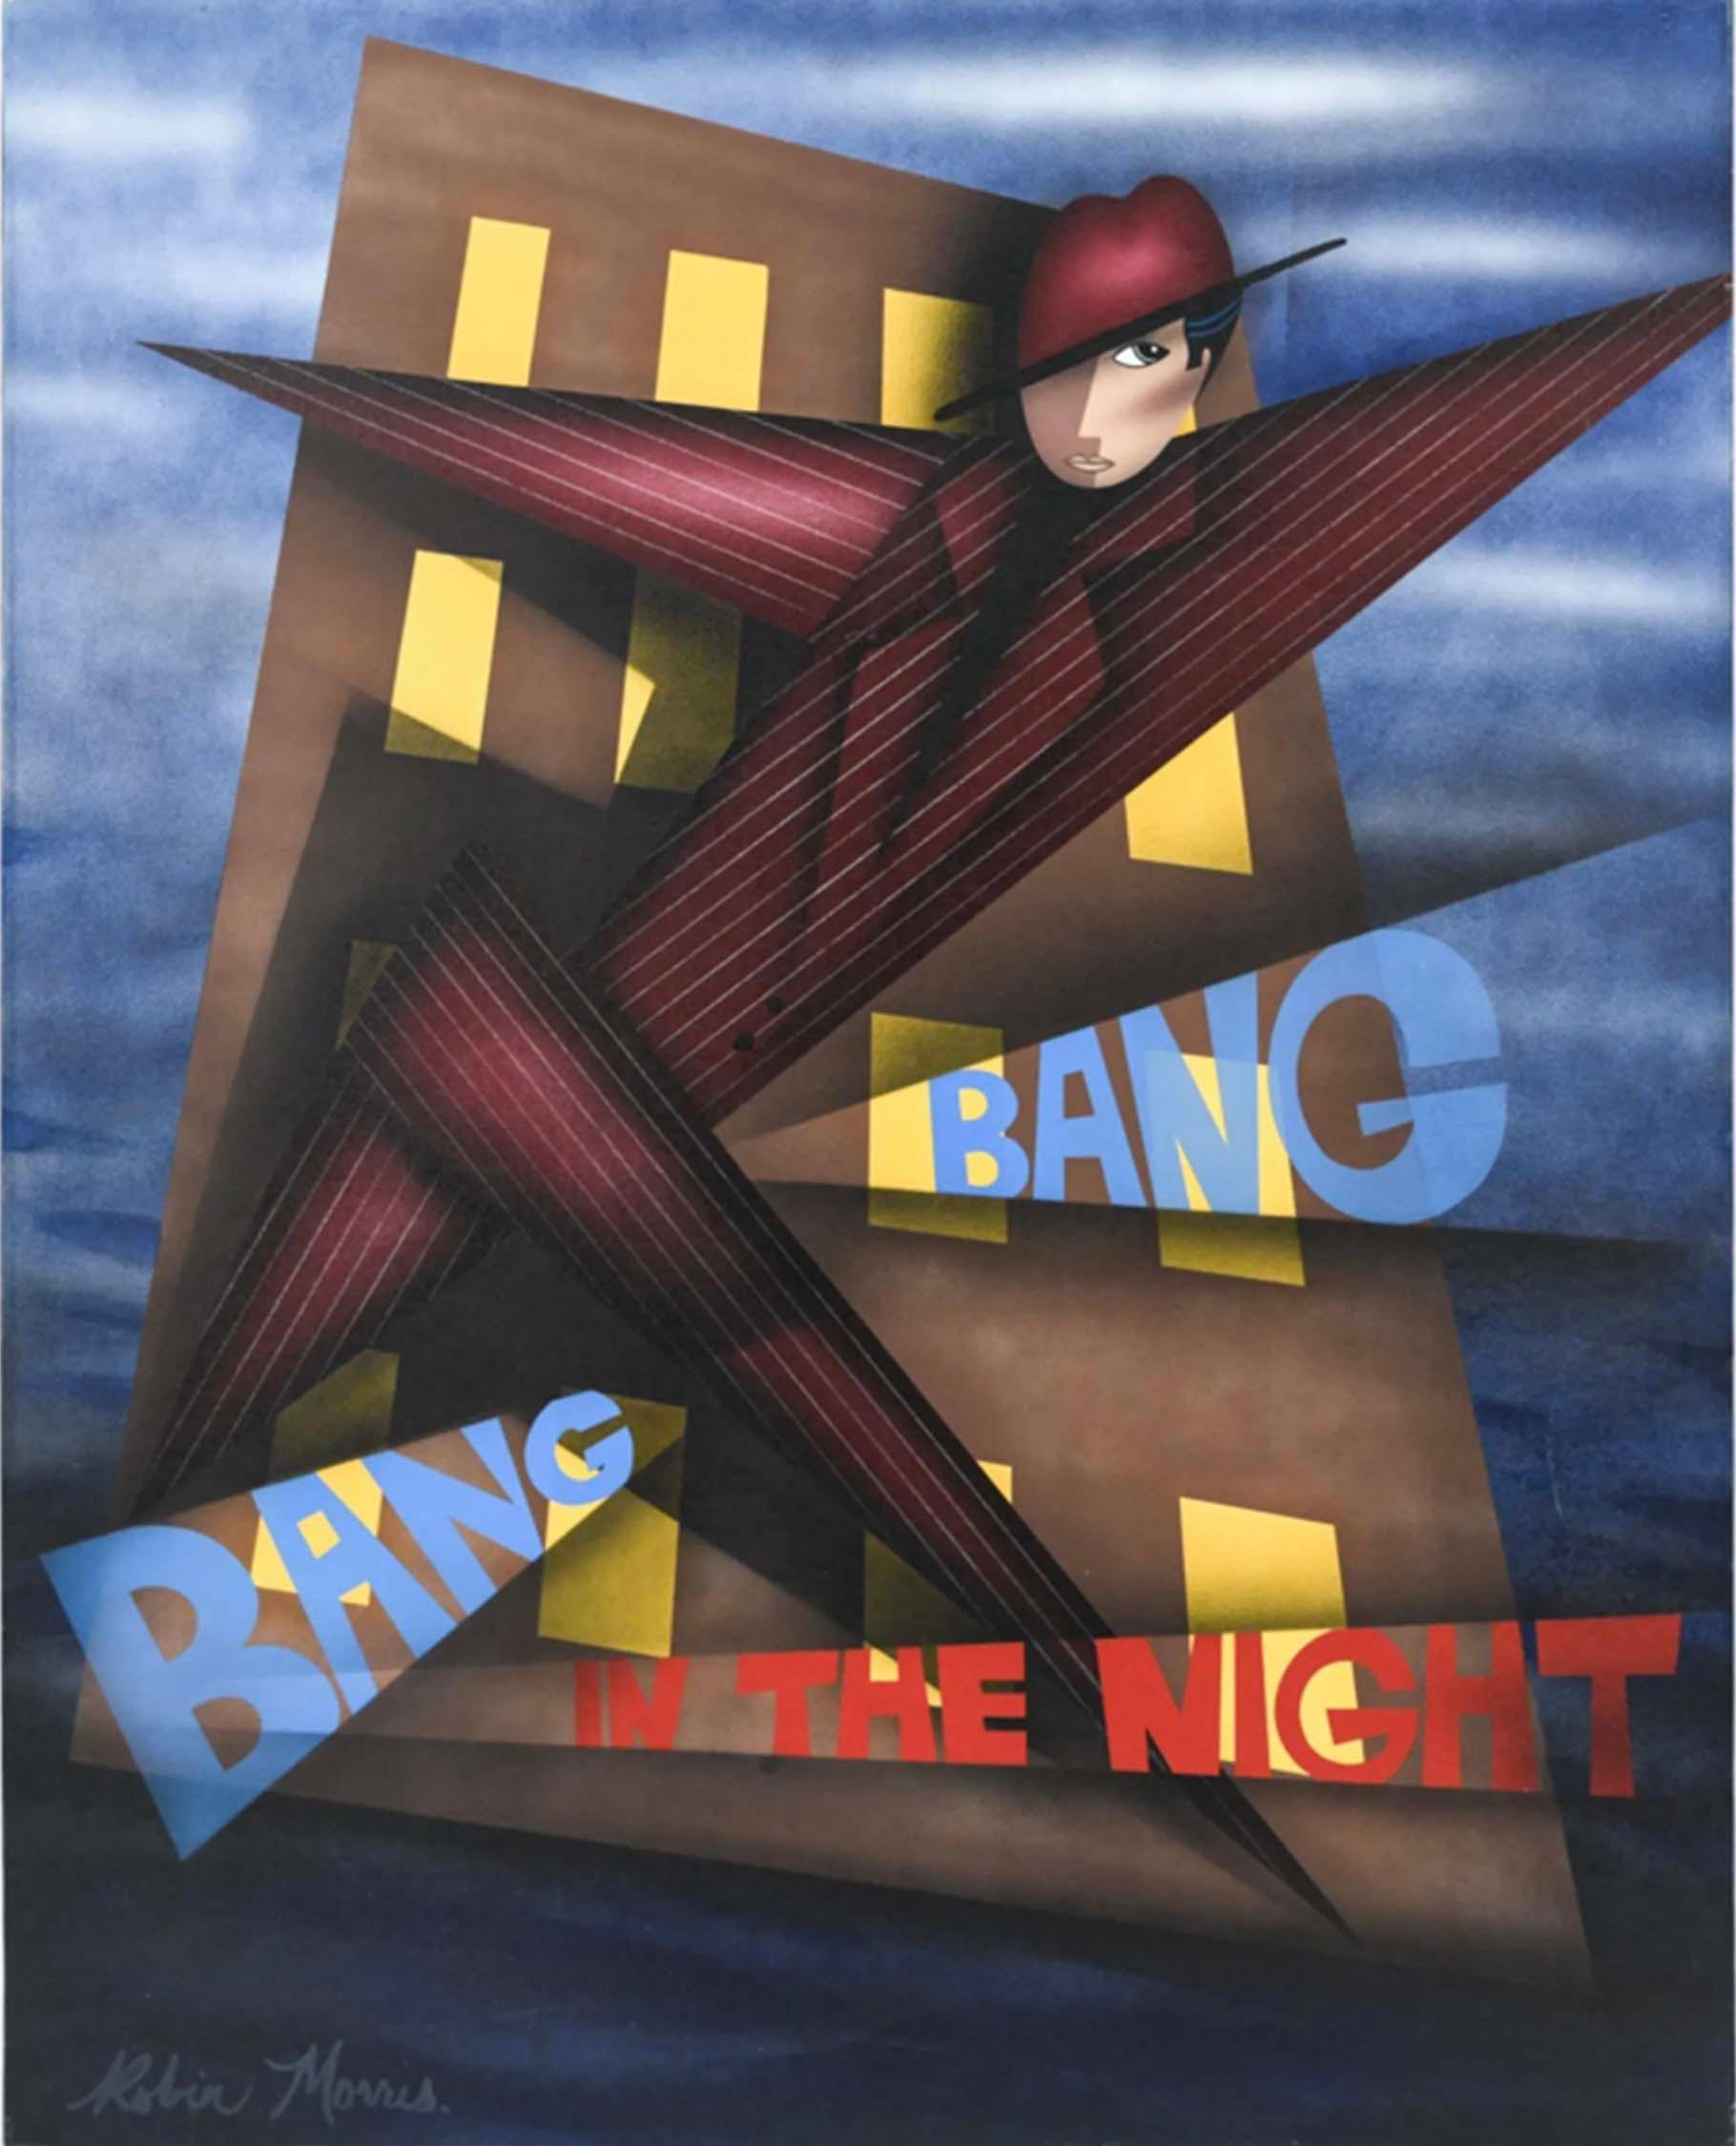 BANG BANG IN THE NIGHT